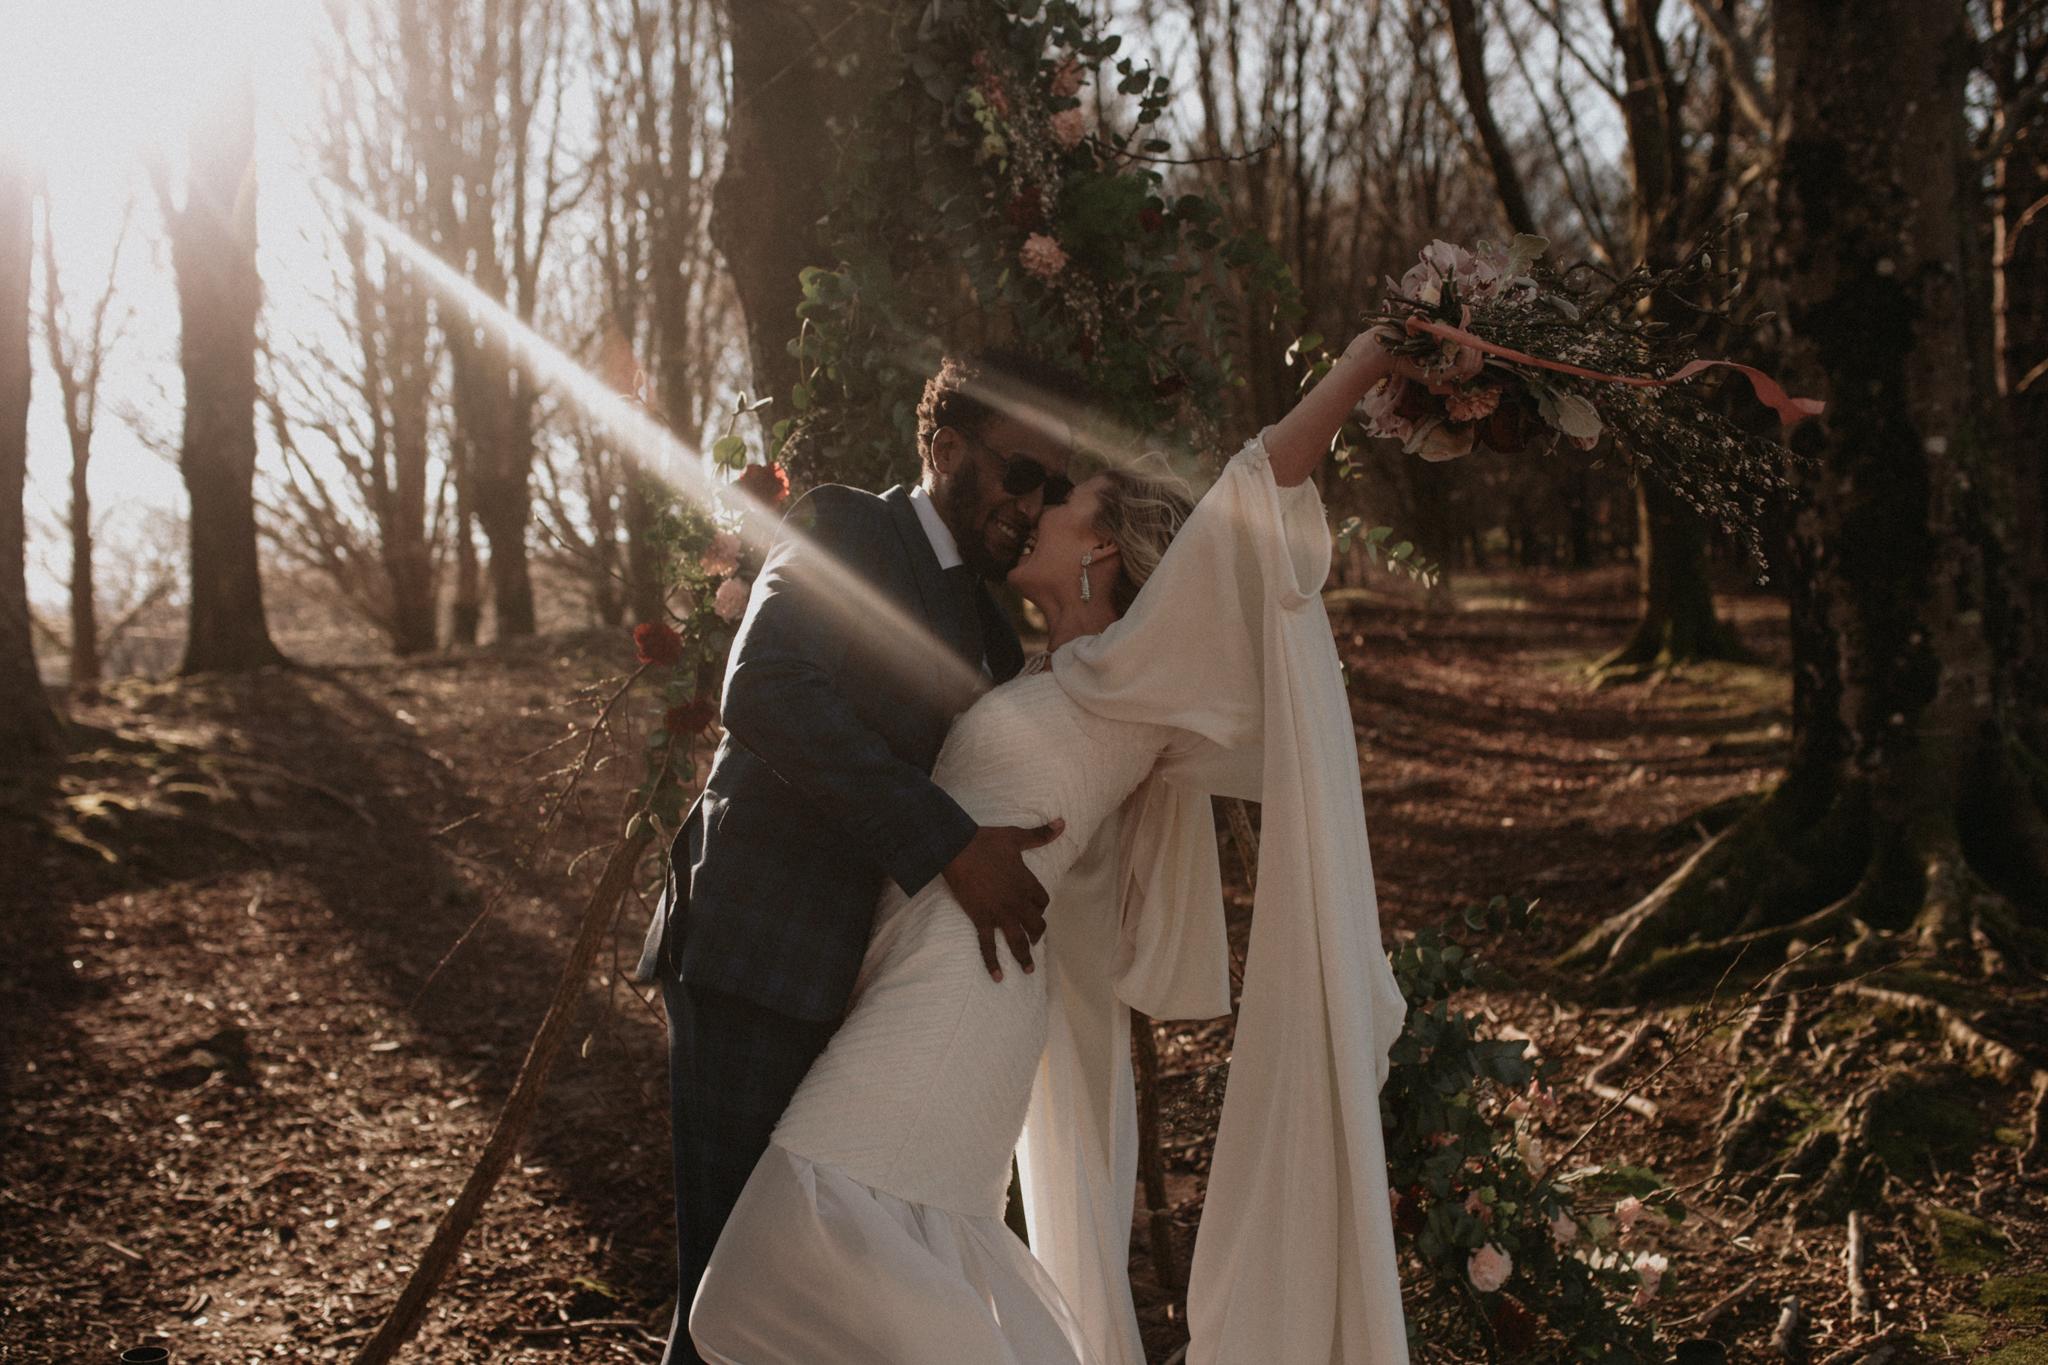 Posado de novios en una ceremonia en el bosque